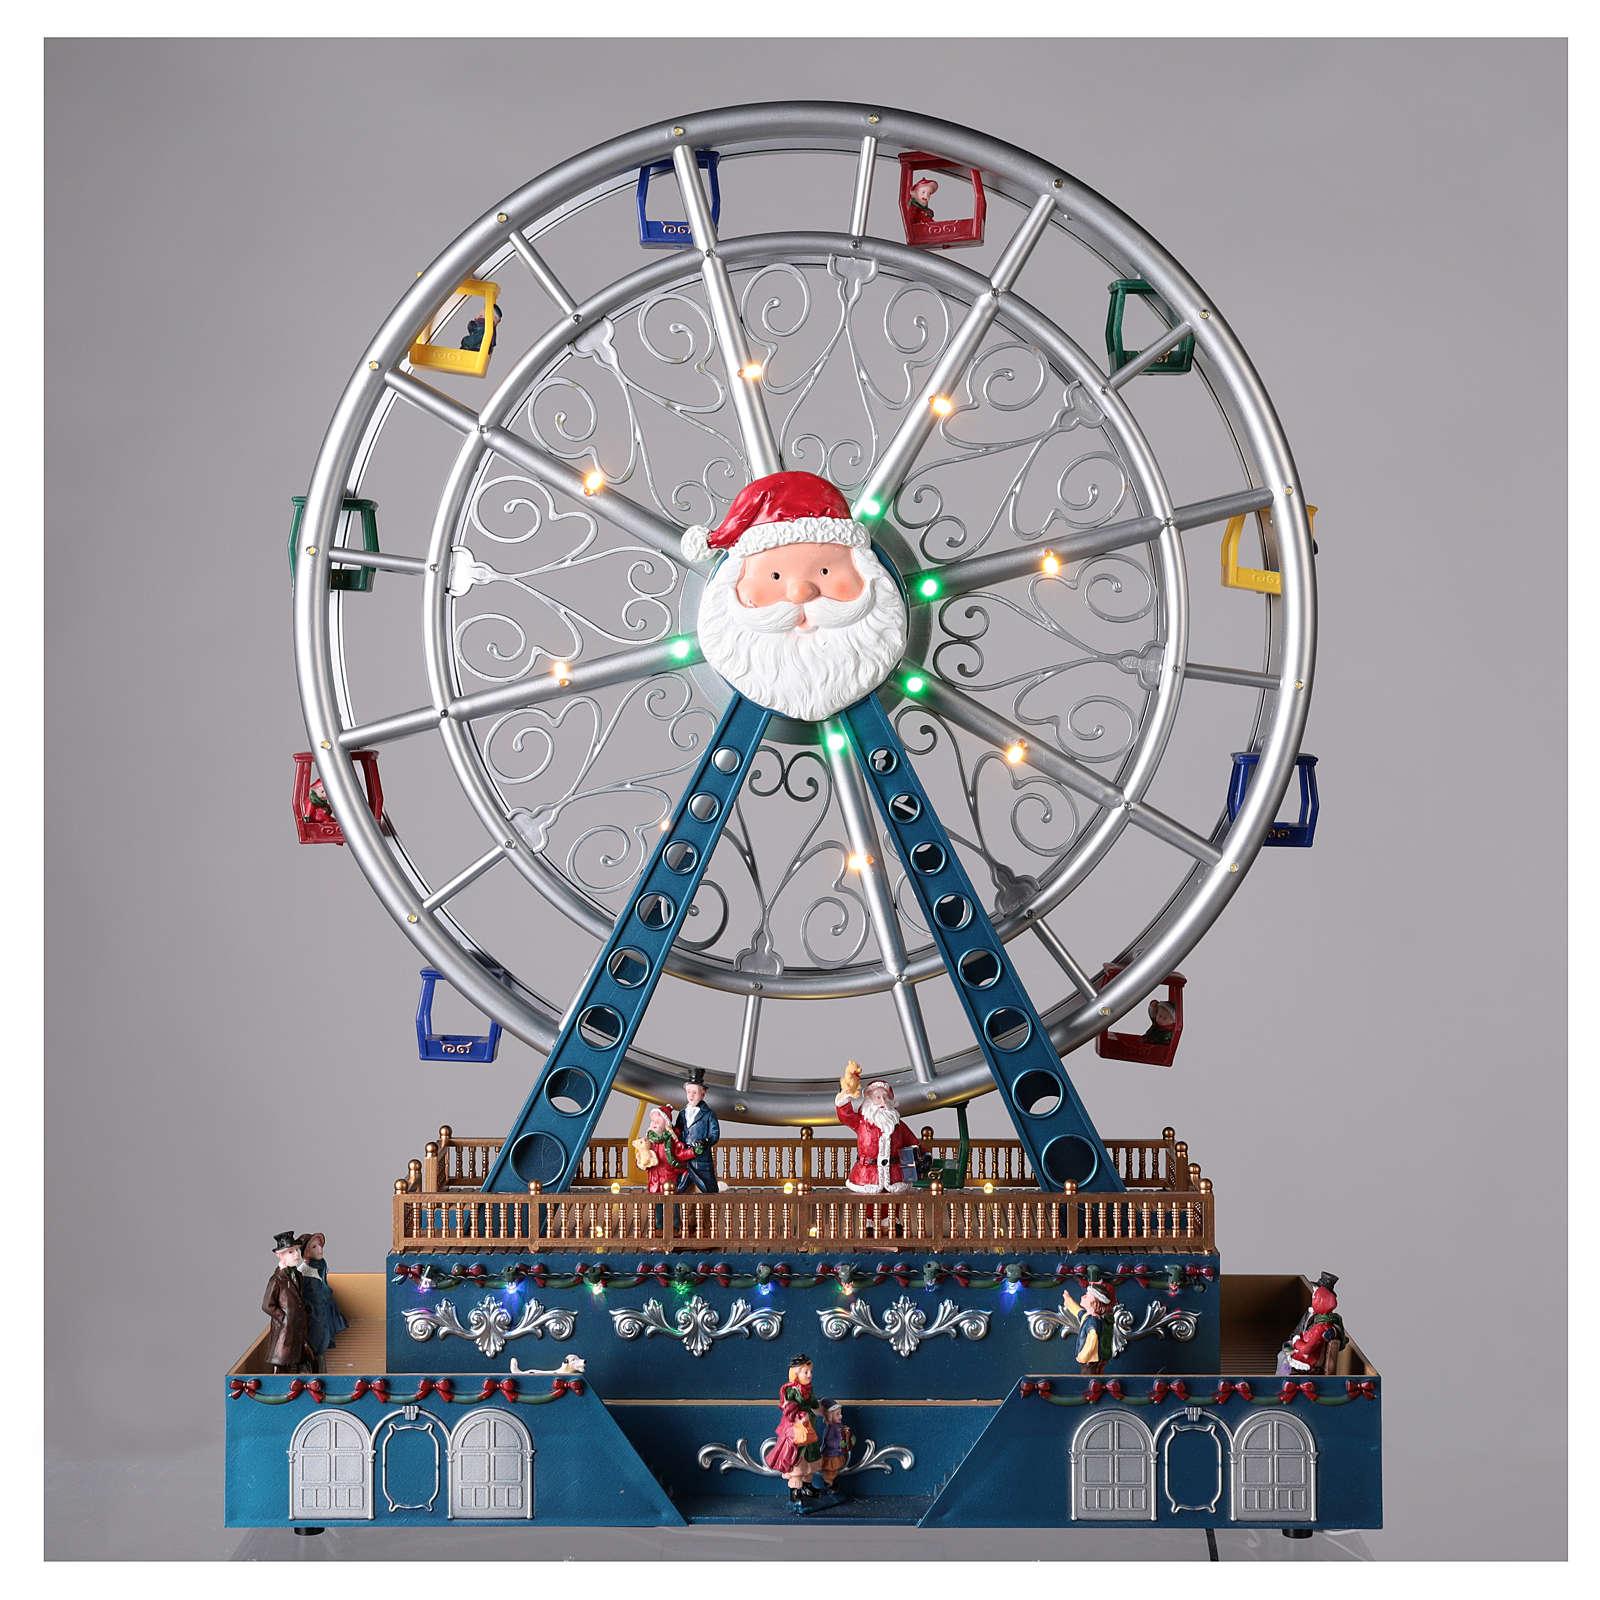 Roda-gigante para cenário natalino com música e iluminação 48x38x17 cm 3